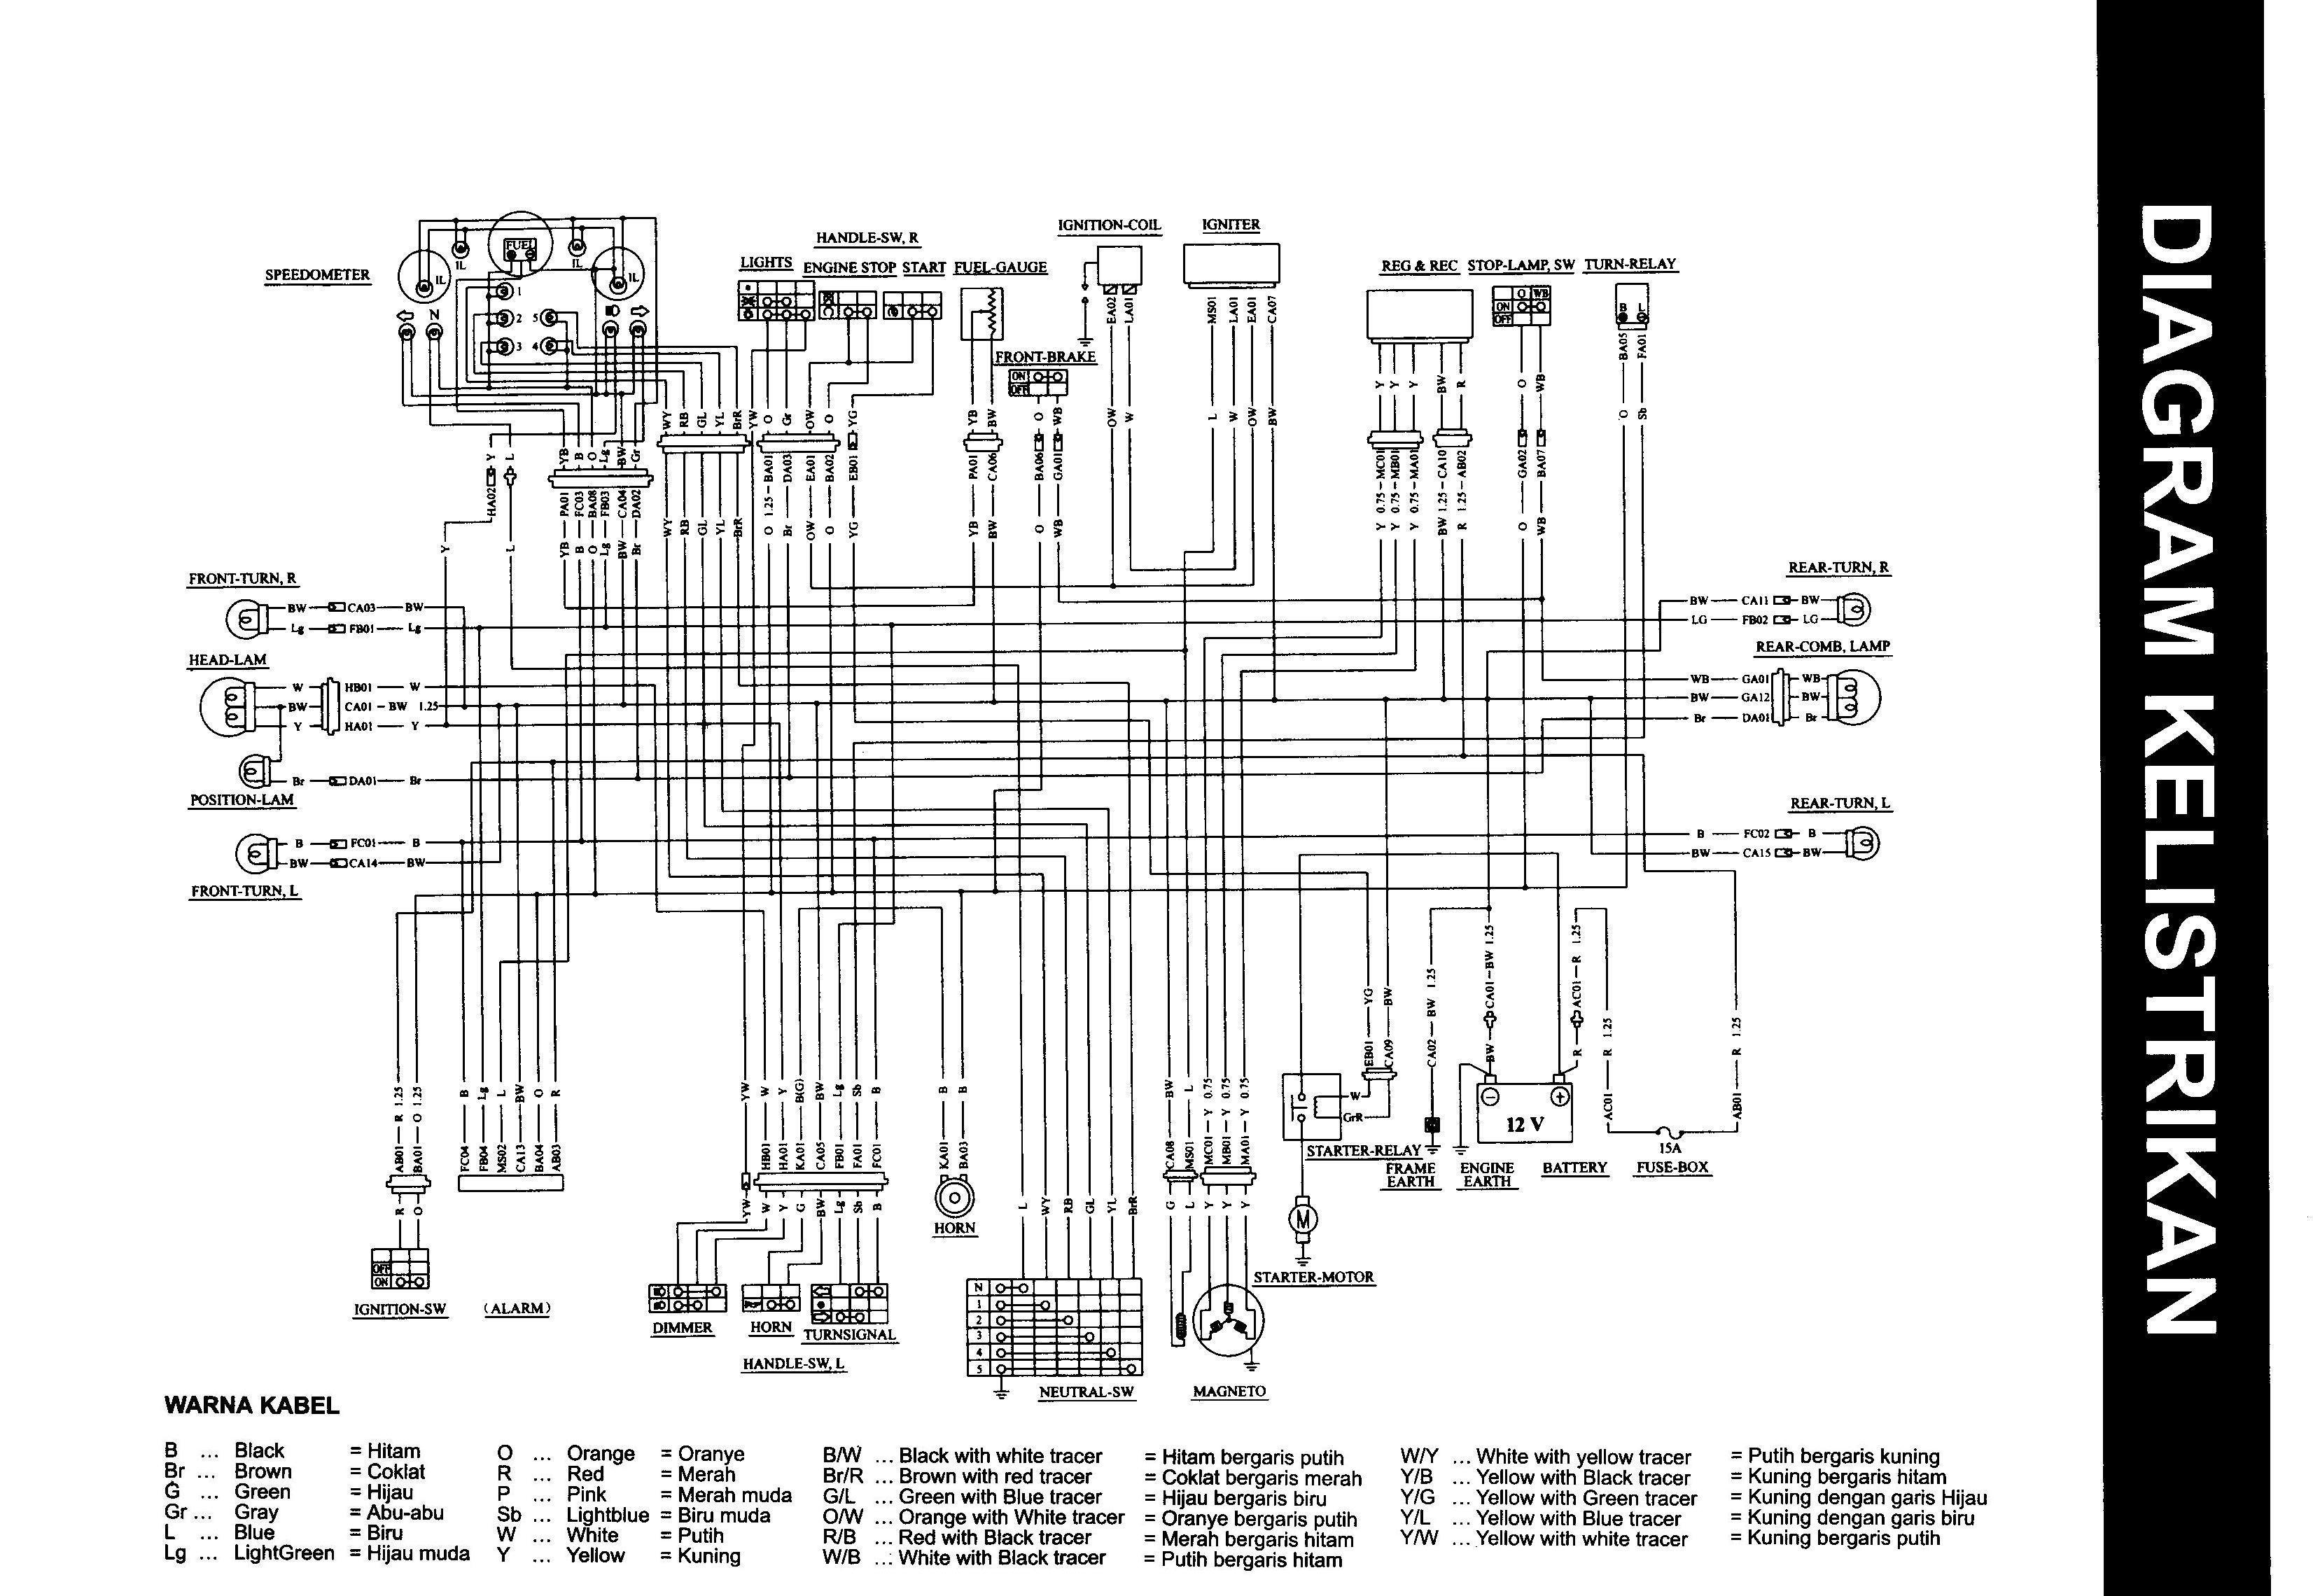 hight resolution of wiring diagram jupiter z1 basic electronics wiring diagram jupier z1 wiring diagram